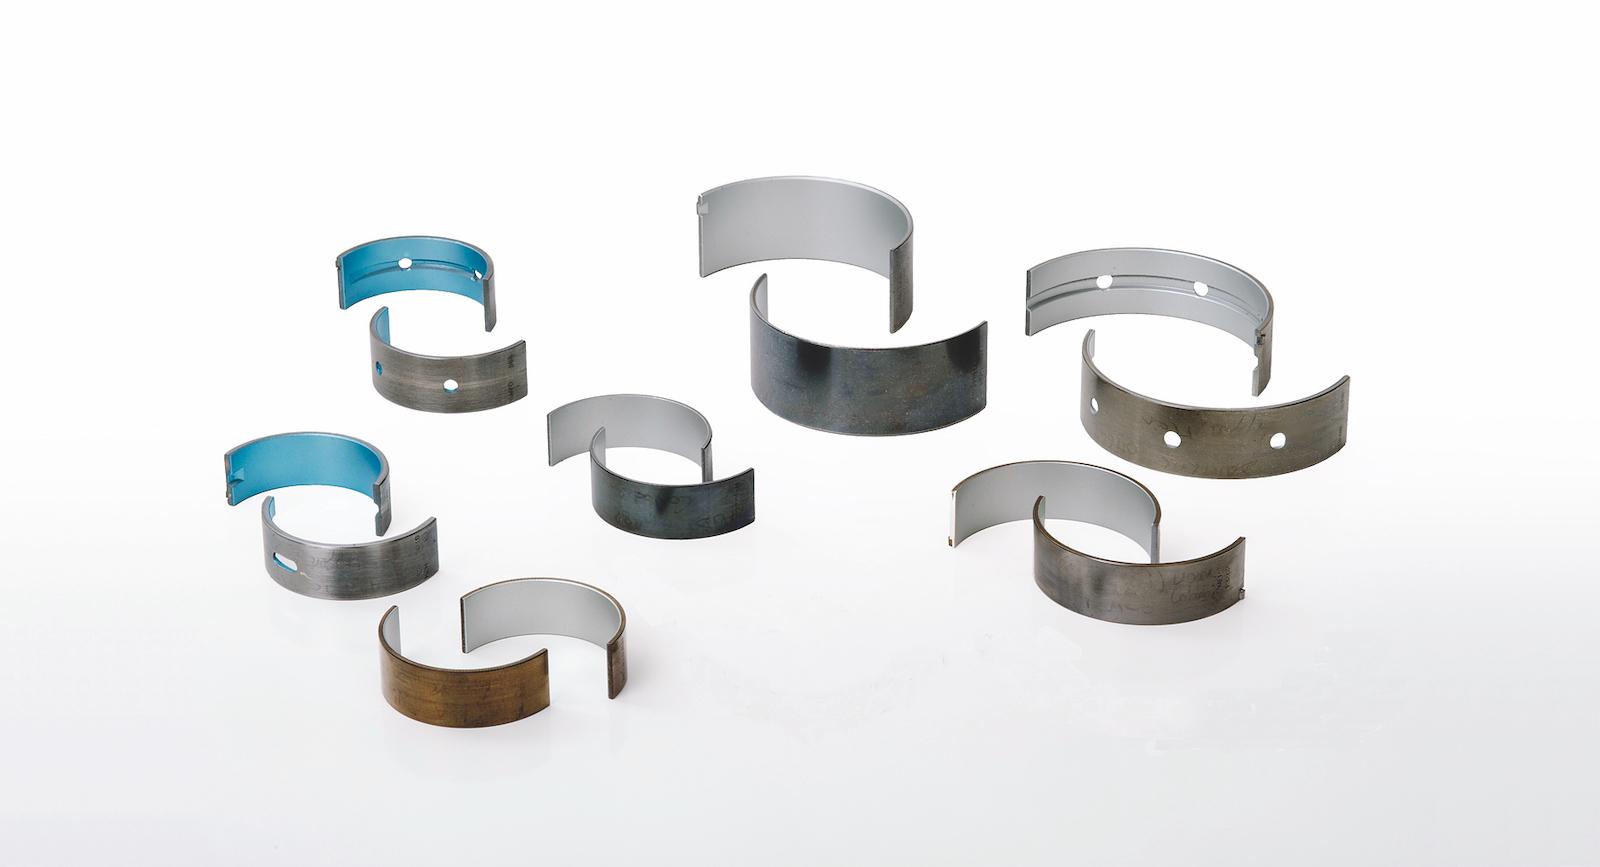 Neue-Polymerbeschichtung-für-Gleitlager-von-Mahle-